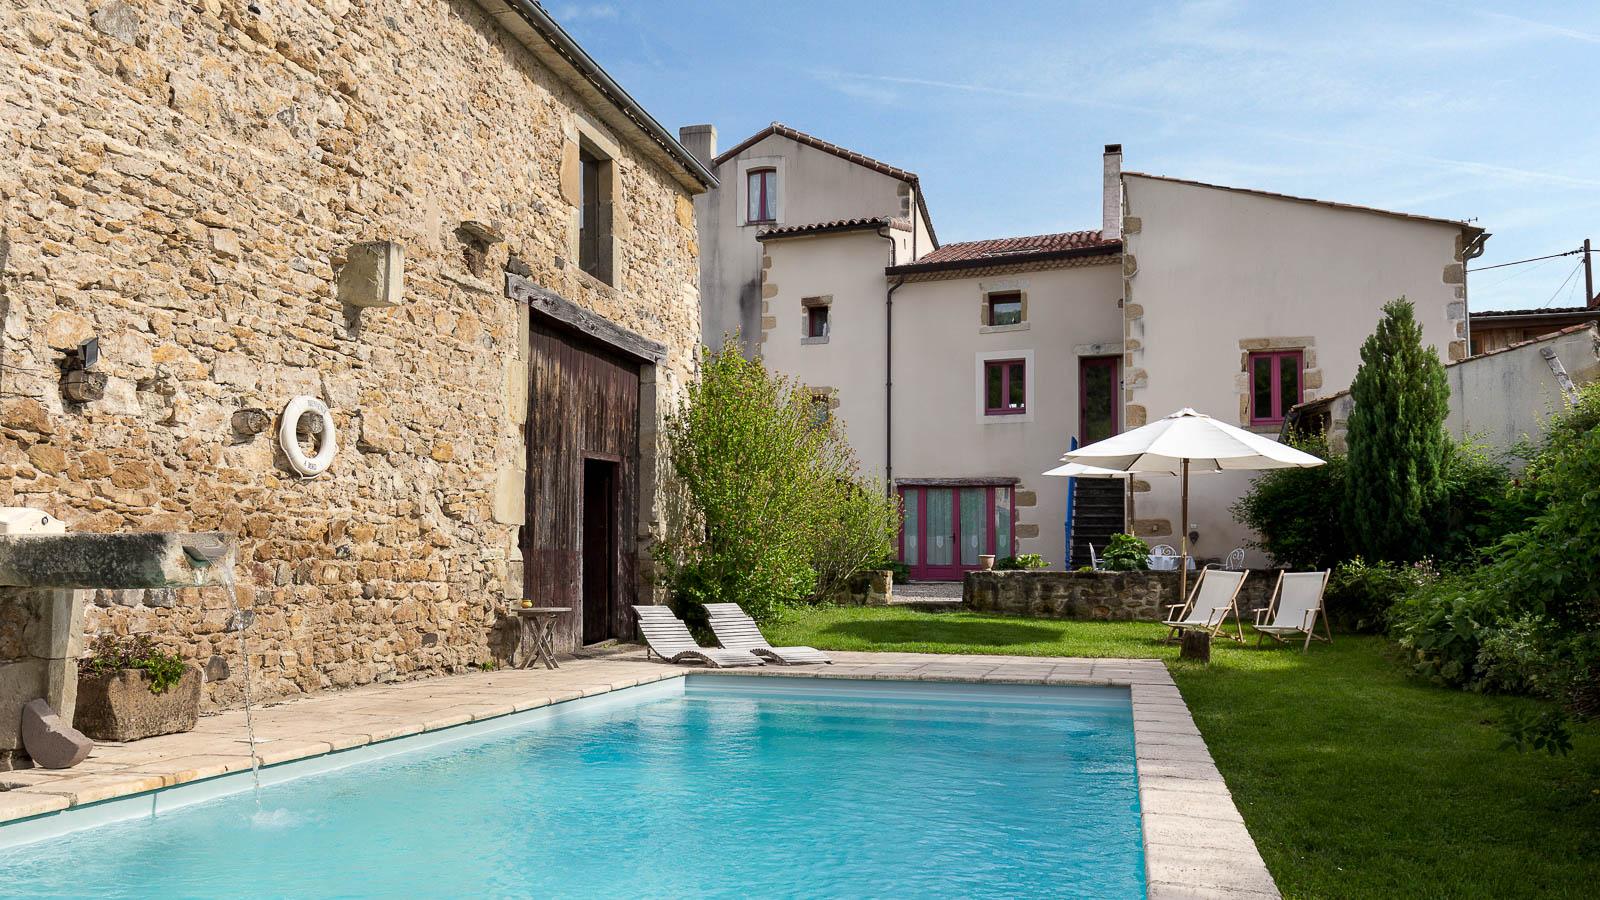 Immobilier - ©Yohan Boniface Photographe - Mariage Portraits Immobilier Entreprises Clermont Ferrand Auvergne France (14).jpg